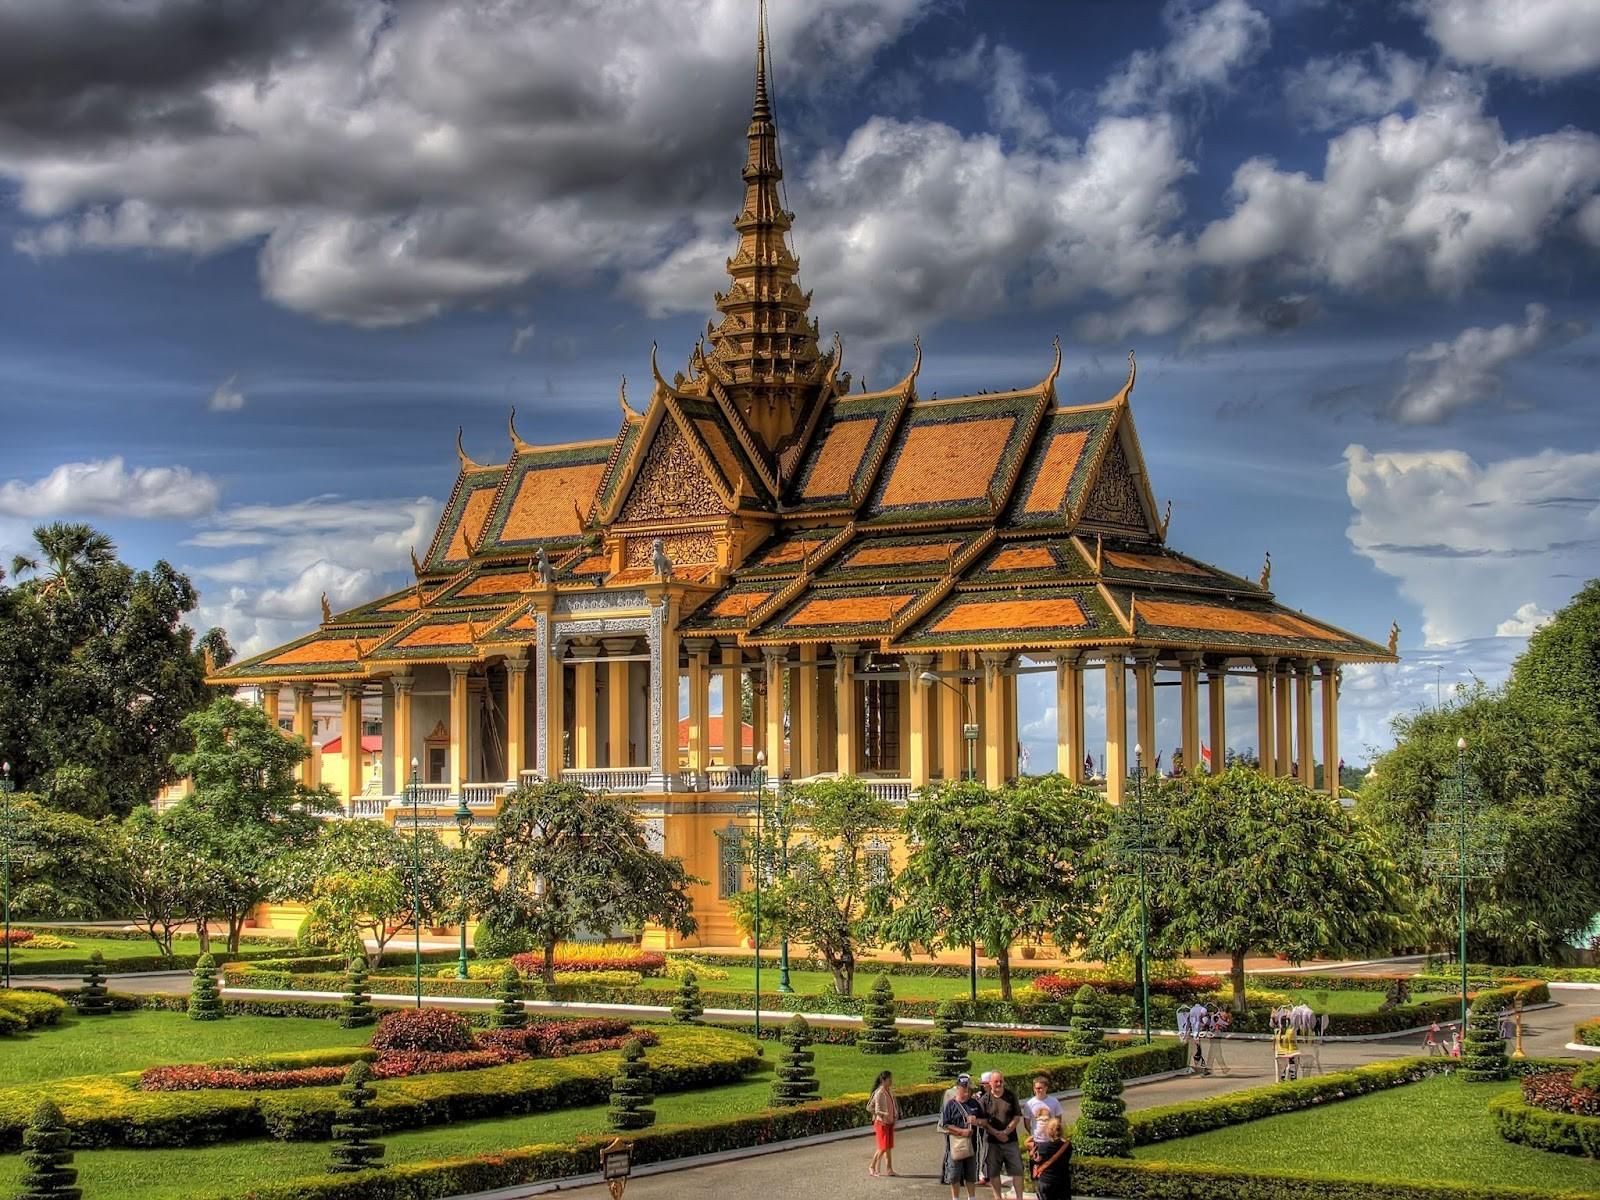 Cambodia Royal Palace Photo HD Wallpapers 1600x1200